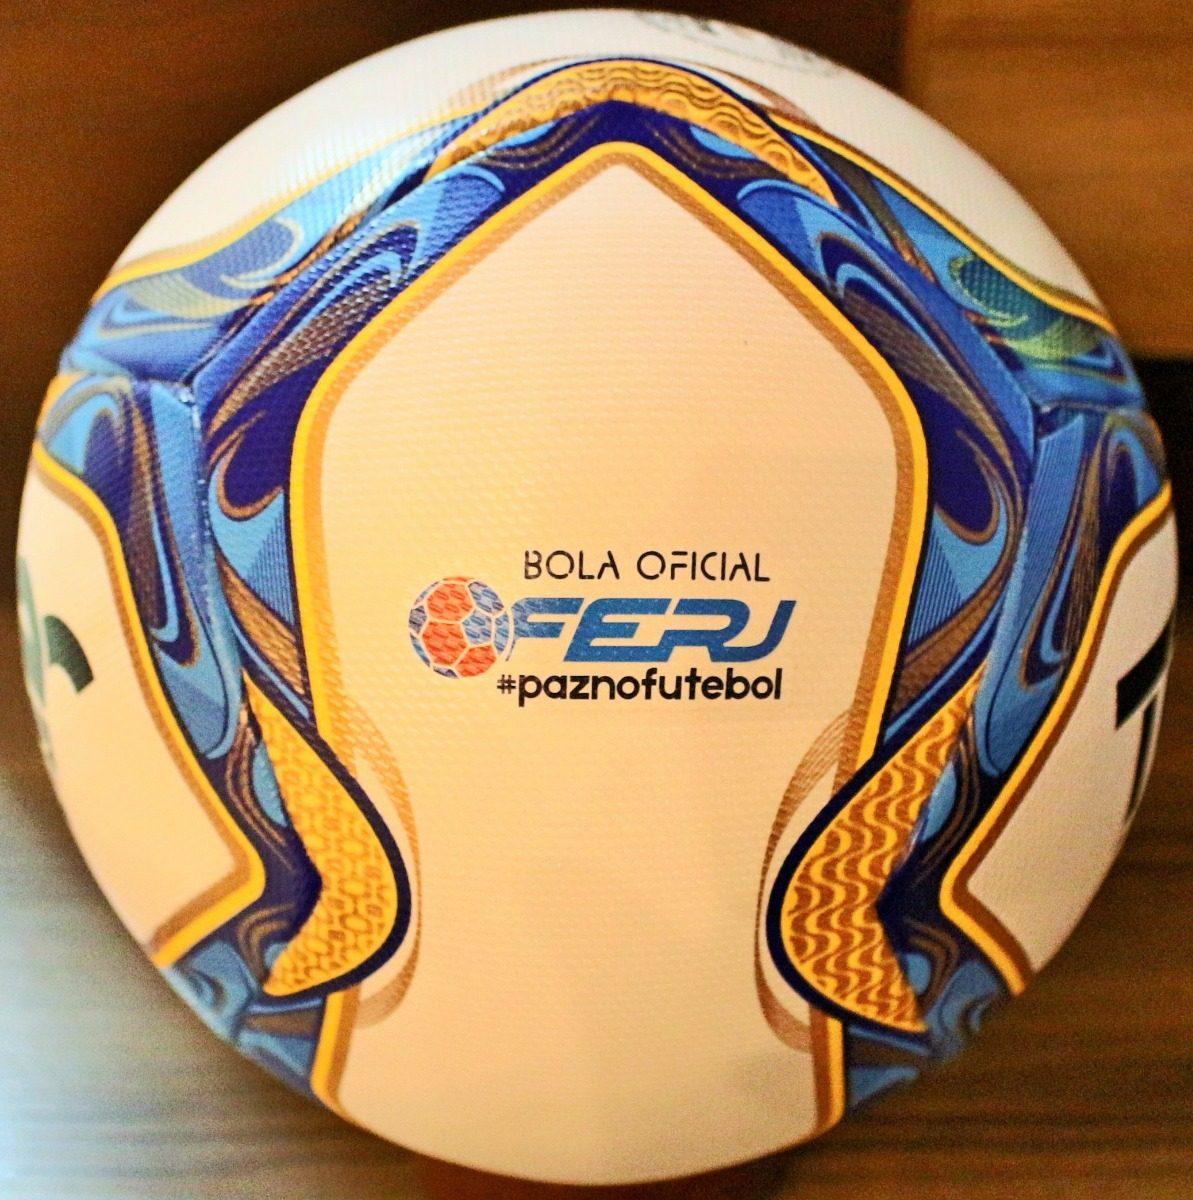 Nova Bola Topper Samba Velocity Pro Carioca 2019 - R  229 abe08eb7999f6